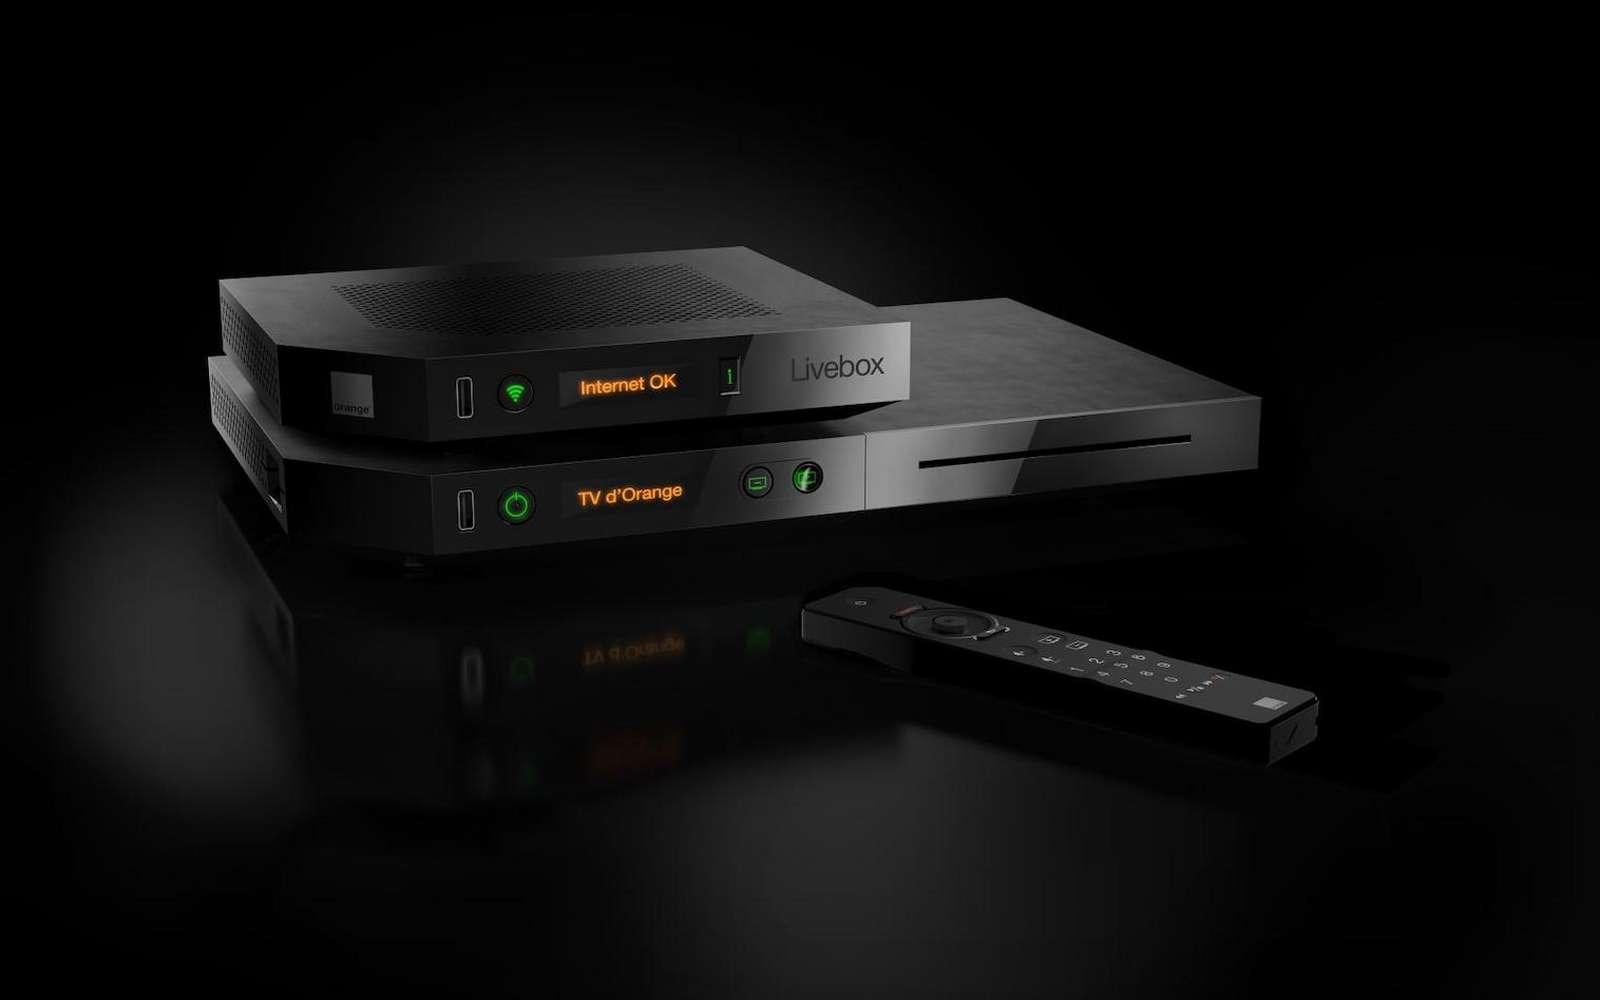 C'est en s'attaquant au port 8080 qui connecte le modem de la Livebox à Internet que des pirates ont pu récupérer des informations sensibles. © Orange